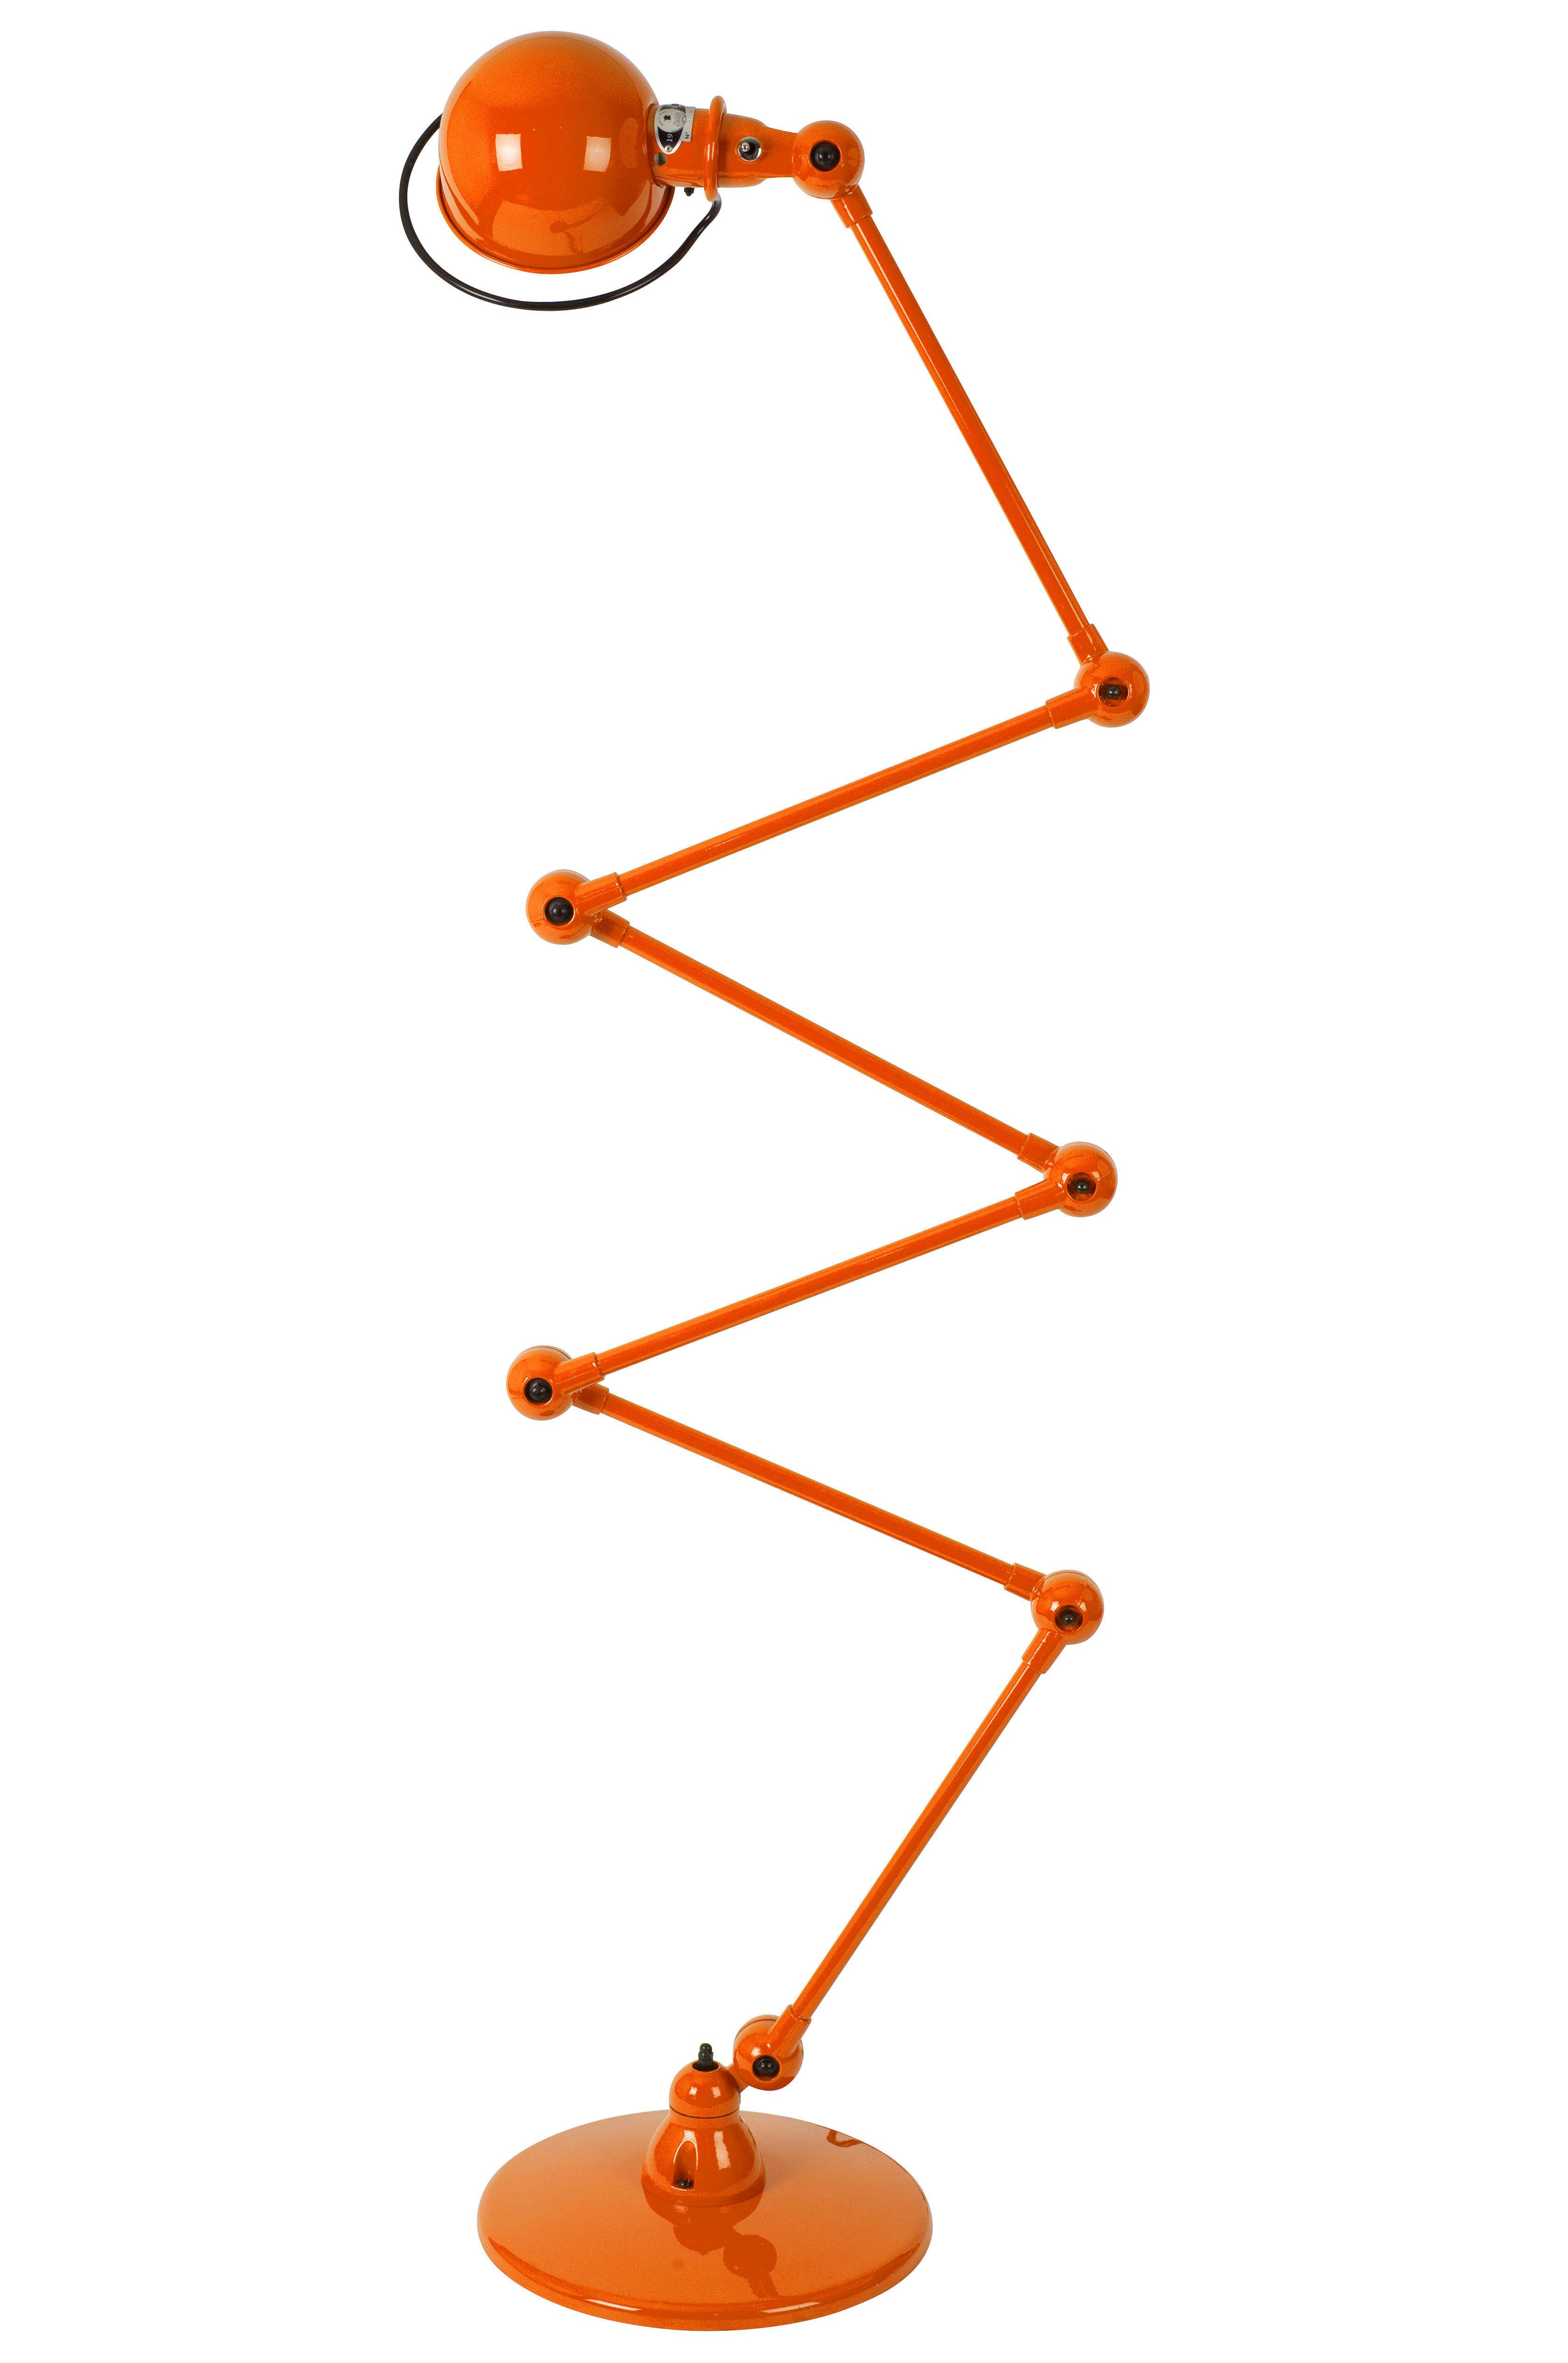 Leuchten - Stehleuchten - Loft Zigzag Stehleuchte / mit 6 Gelenkarmen - H max. 240 cm - Jieldé - Orange, glänzend - rostfreier Stahl